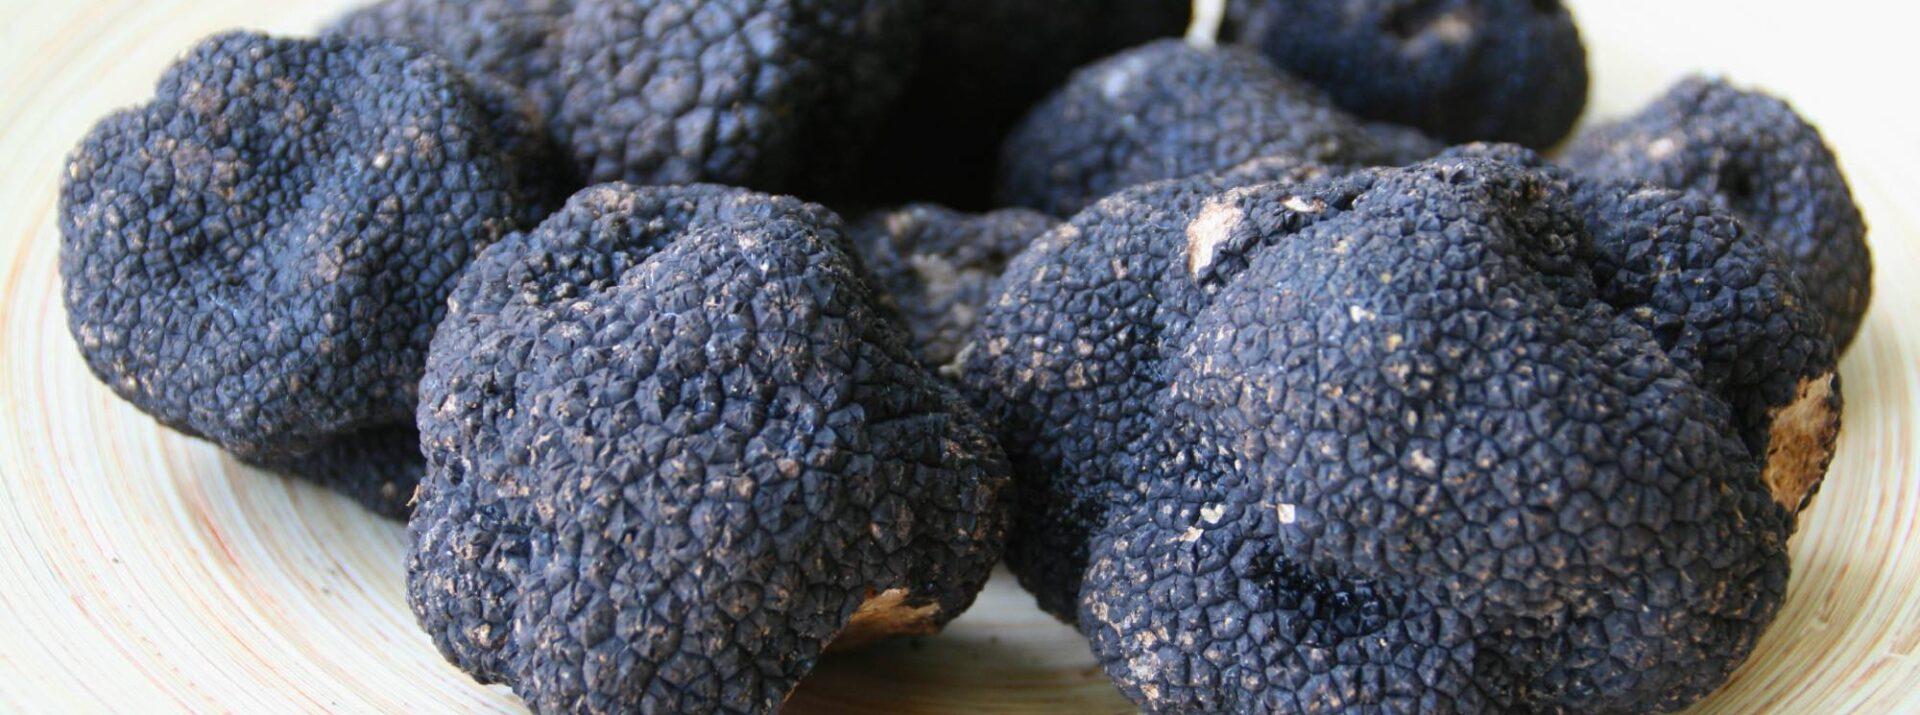 coccia-black-truffle